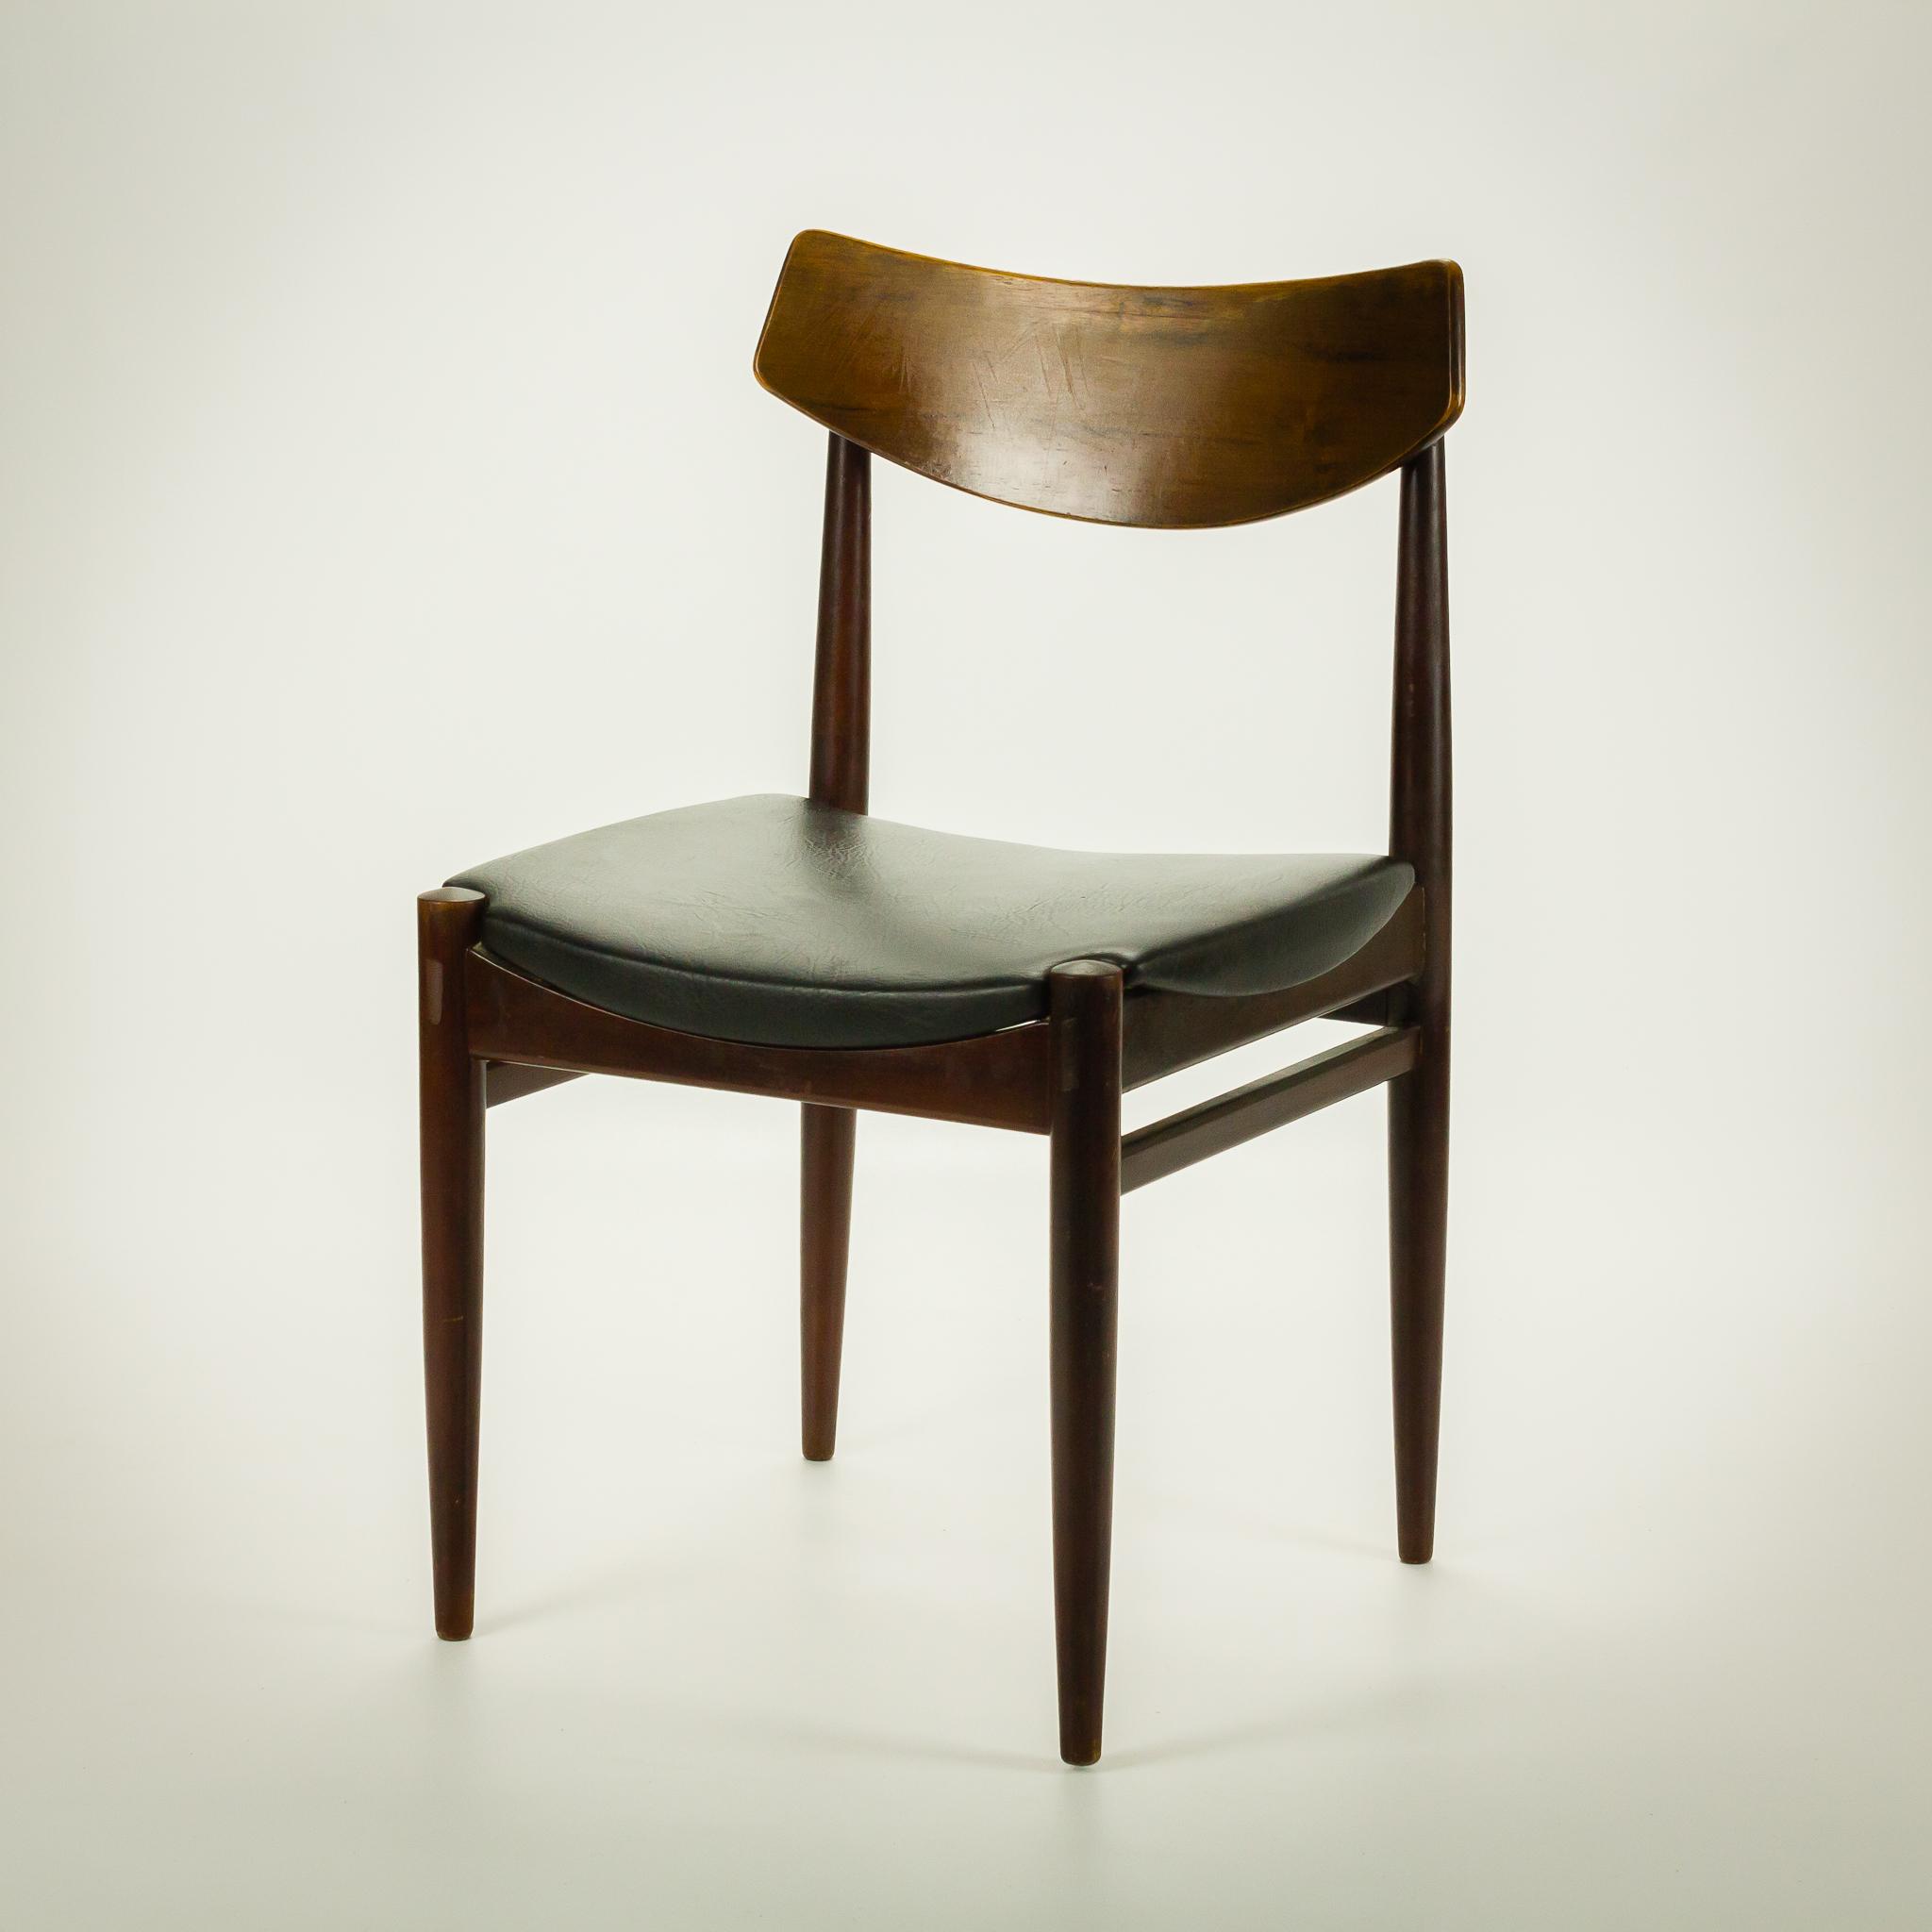 petit fauteuil toy angle droit design grenoble lyon annecy gen ve mobilier design salle de. Black Bedroom Furniture Sets. Home Design Ideas